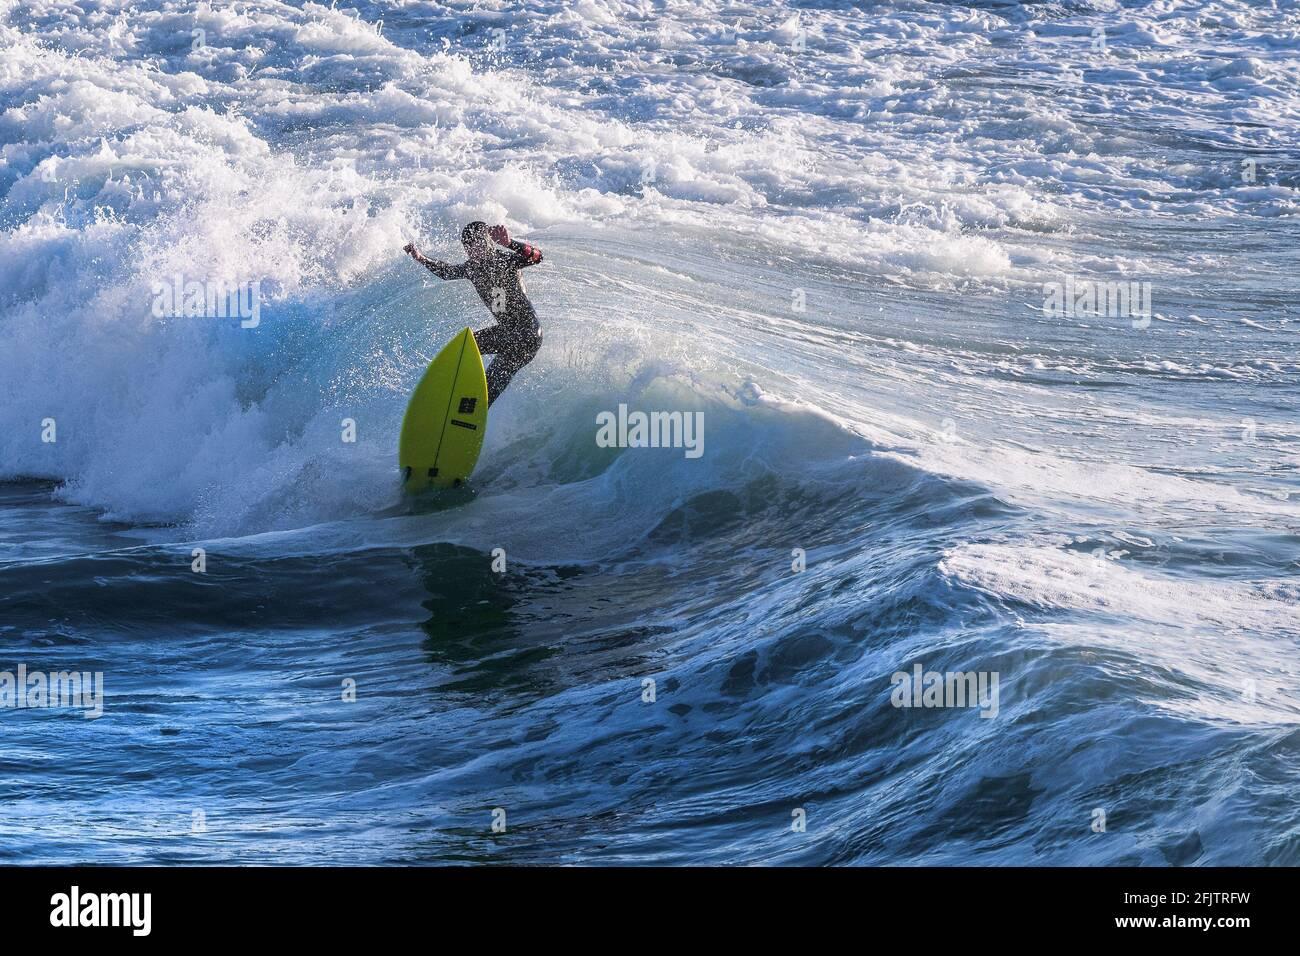 Un surfeur qui s'aprise d'une vague à Fistral, à Newquay, en Cornouailles. Banque D'Images